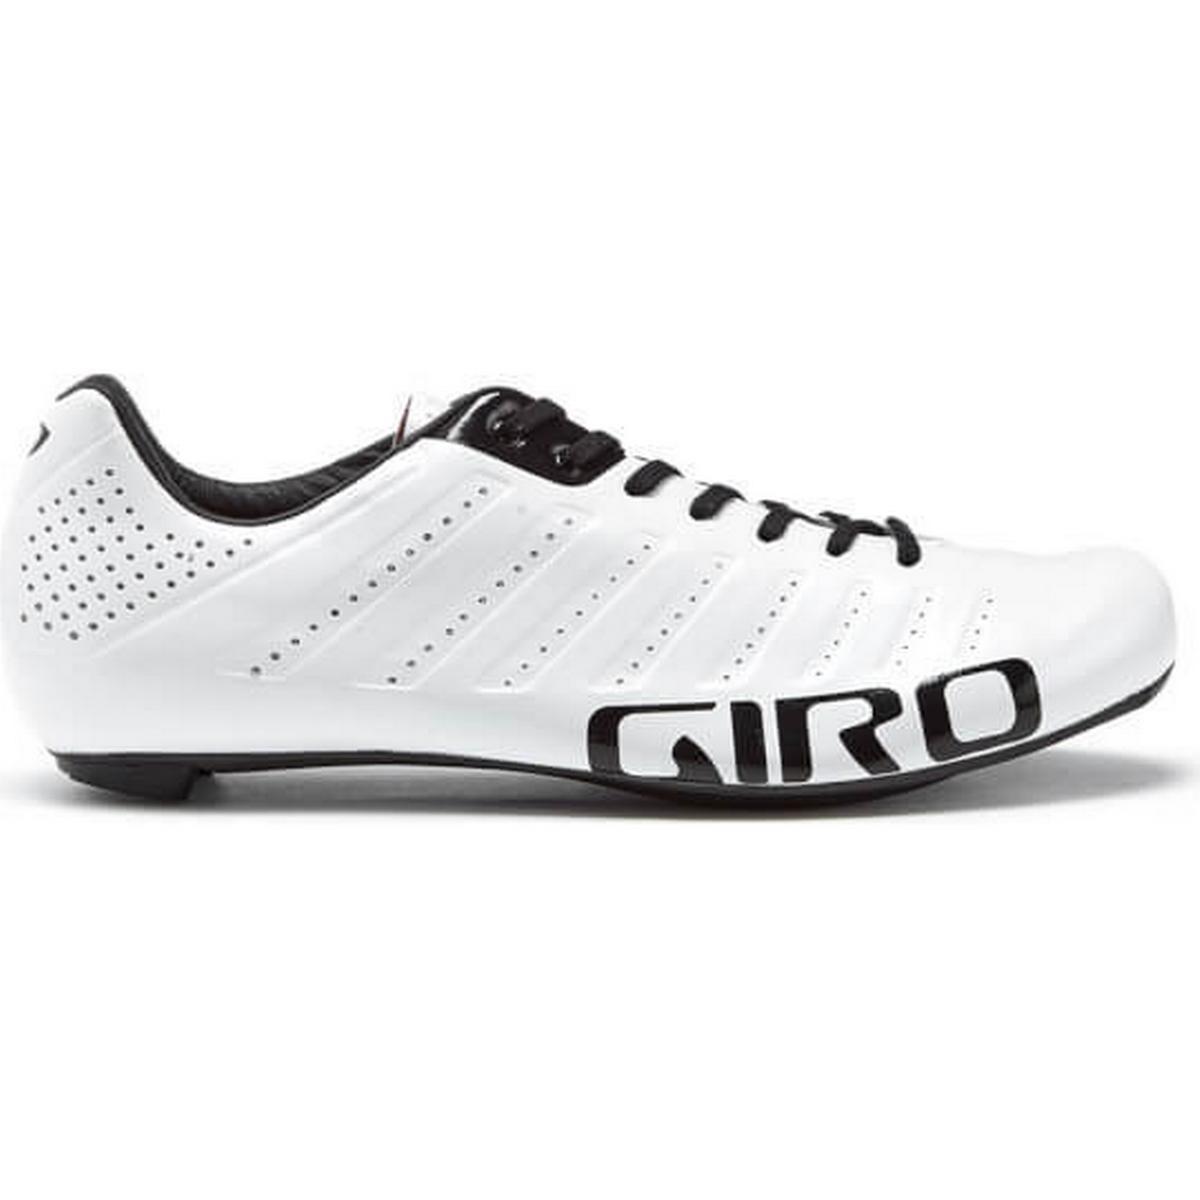 71b72310417 Giro Sko - Sammenlign priser hos PriceRunner